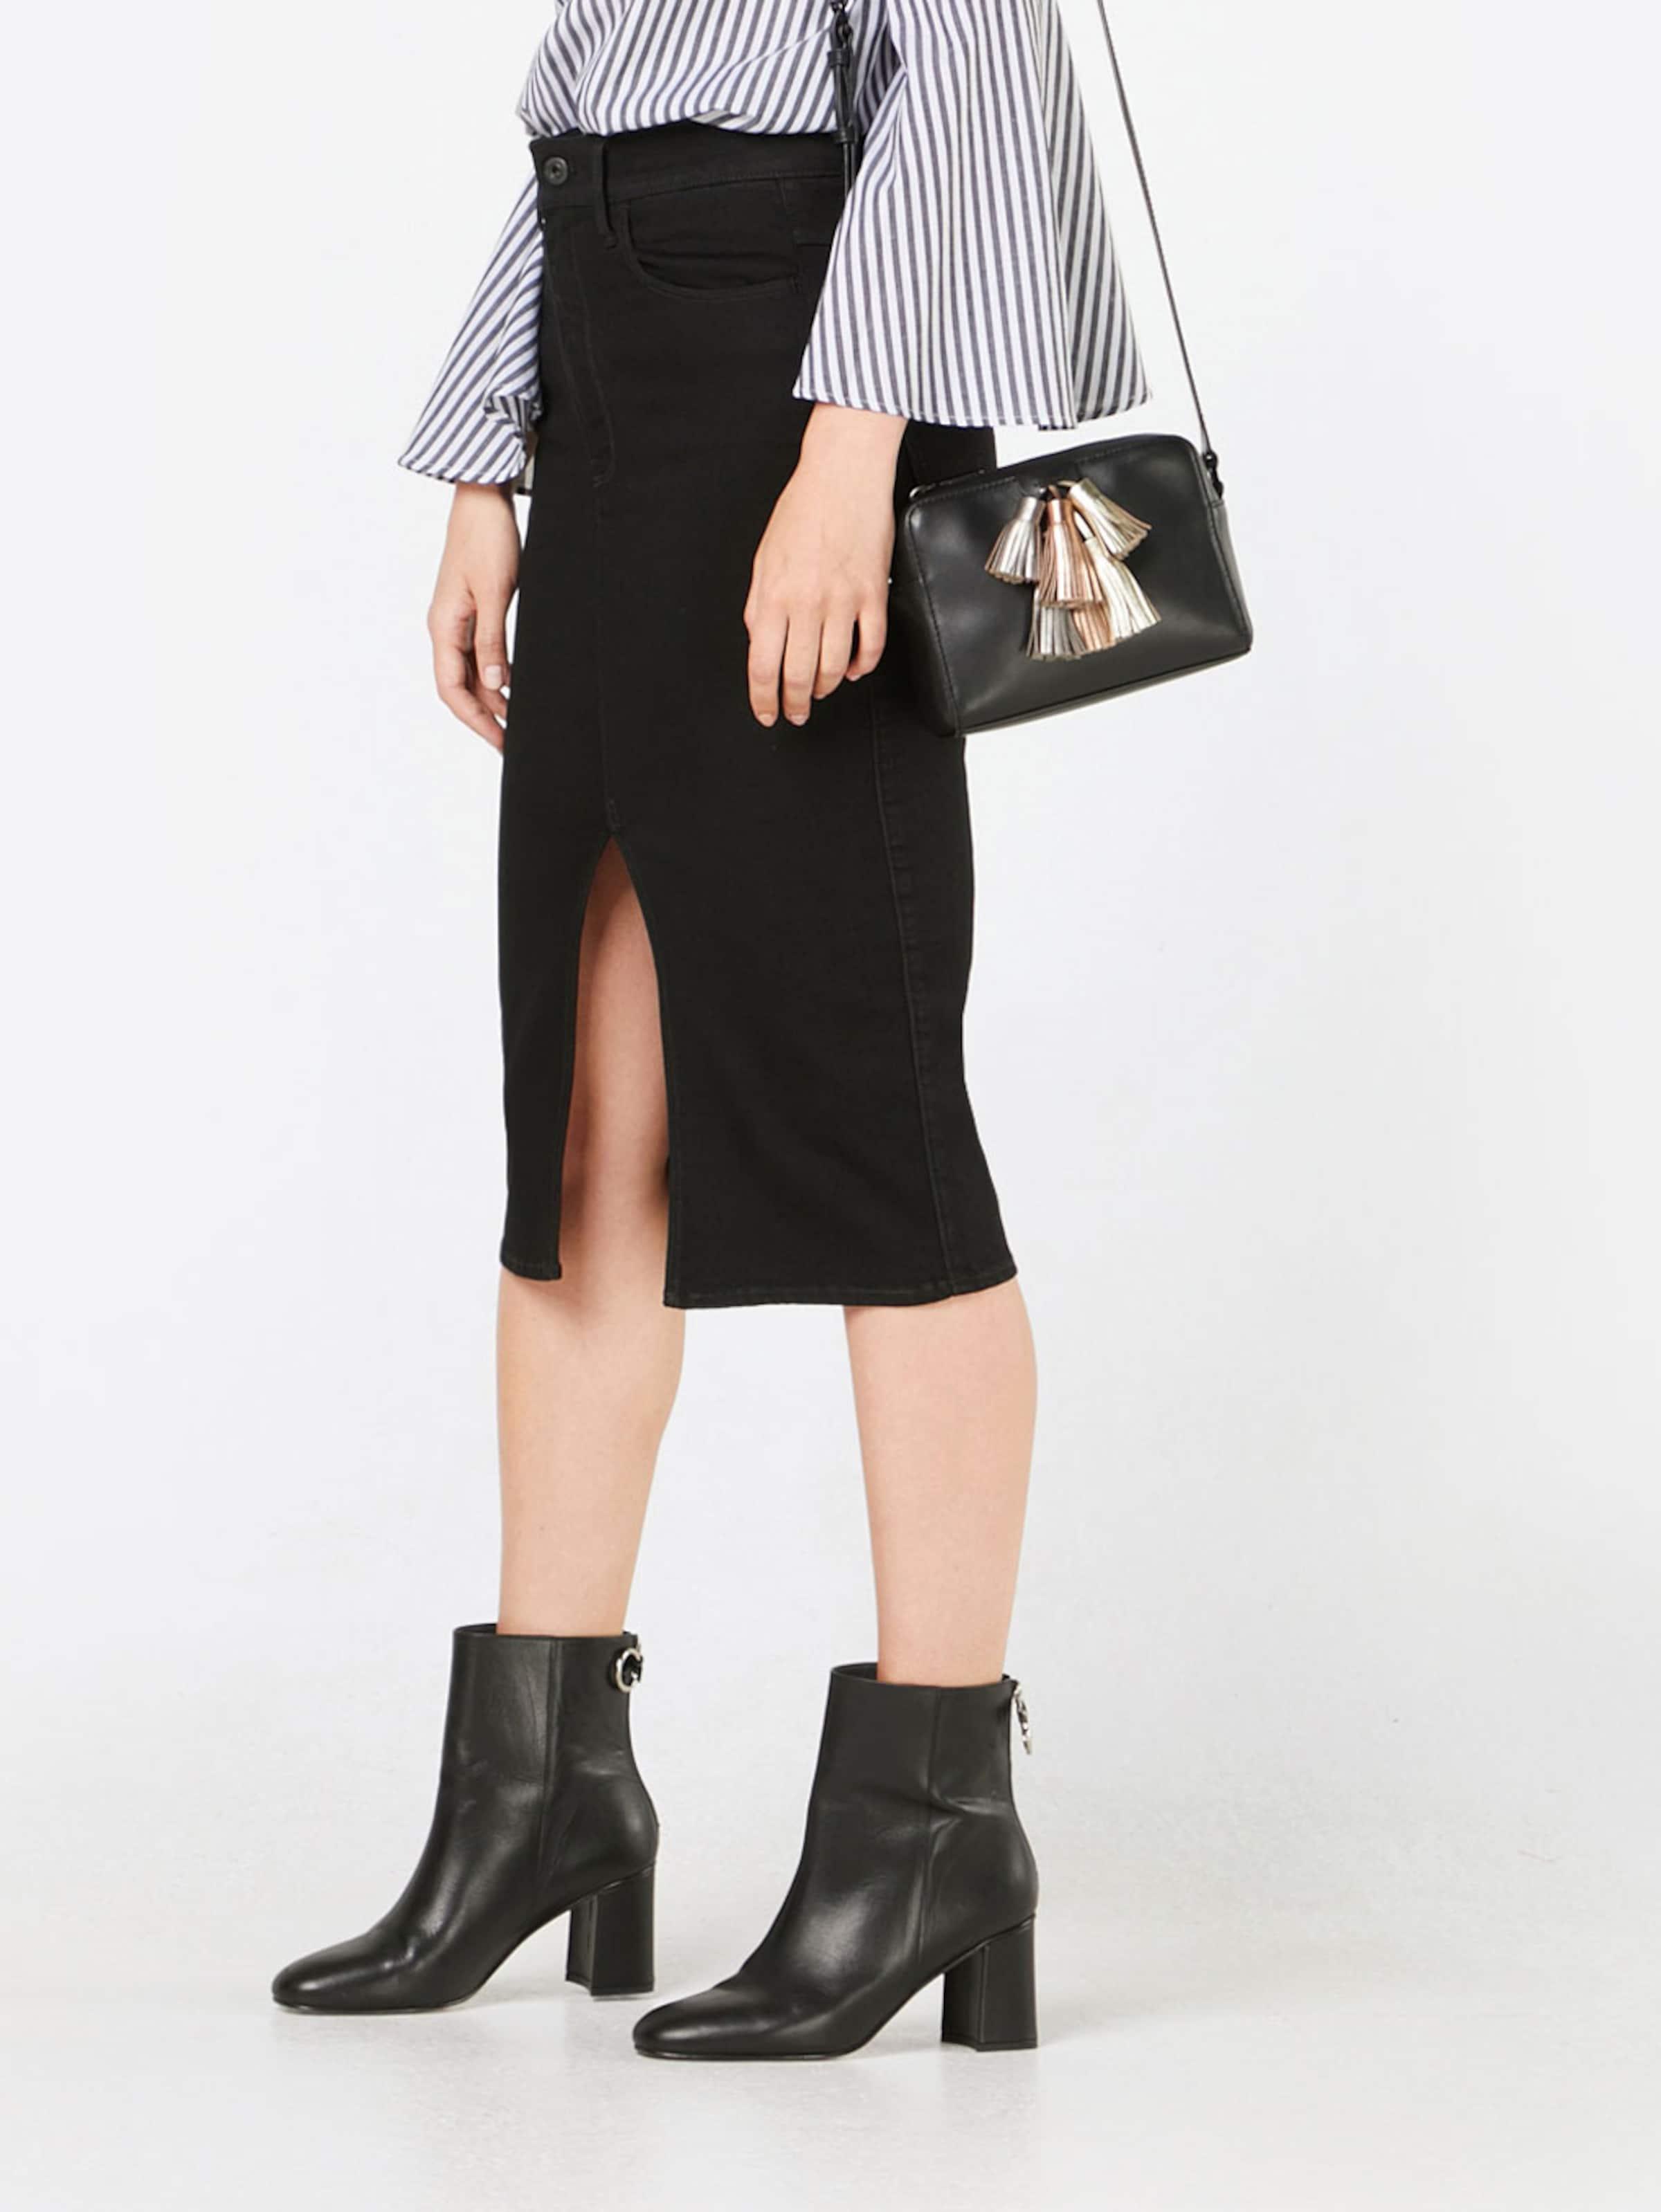 G-STAR RAW Jeans Rock 'Slim Skirt' Freiheit Genießen Niedrig Kosten Günstig Online Freies Verschiffen Vorbestellung HvYs5y2ha